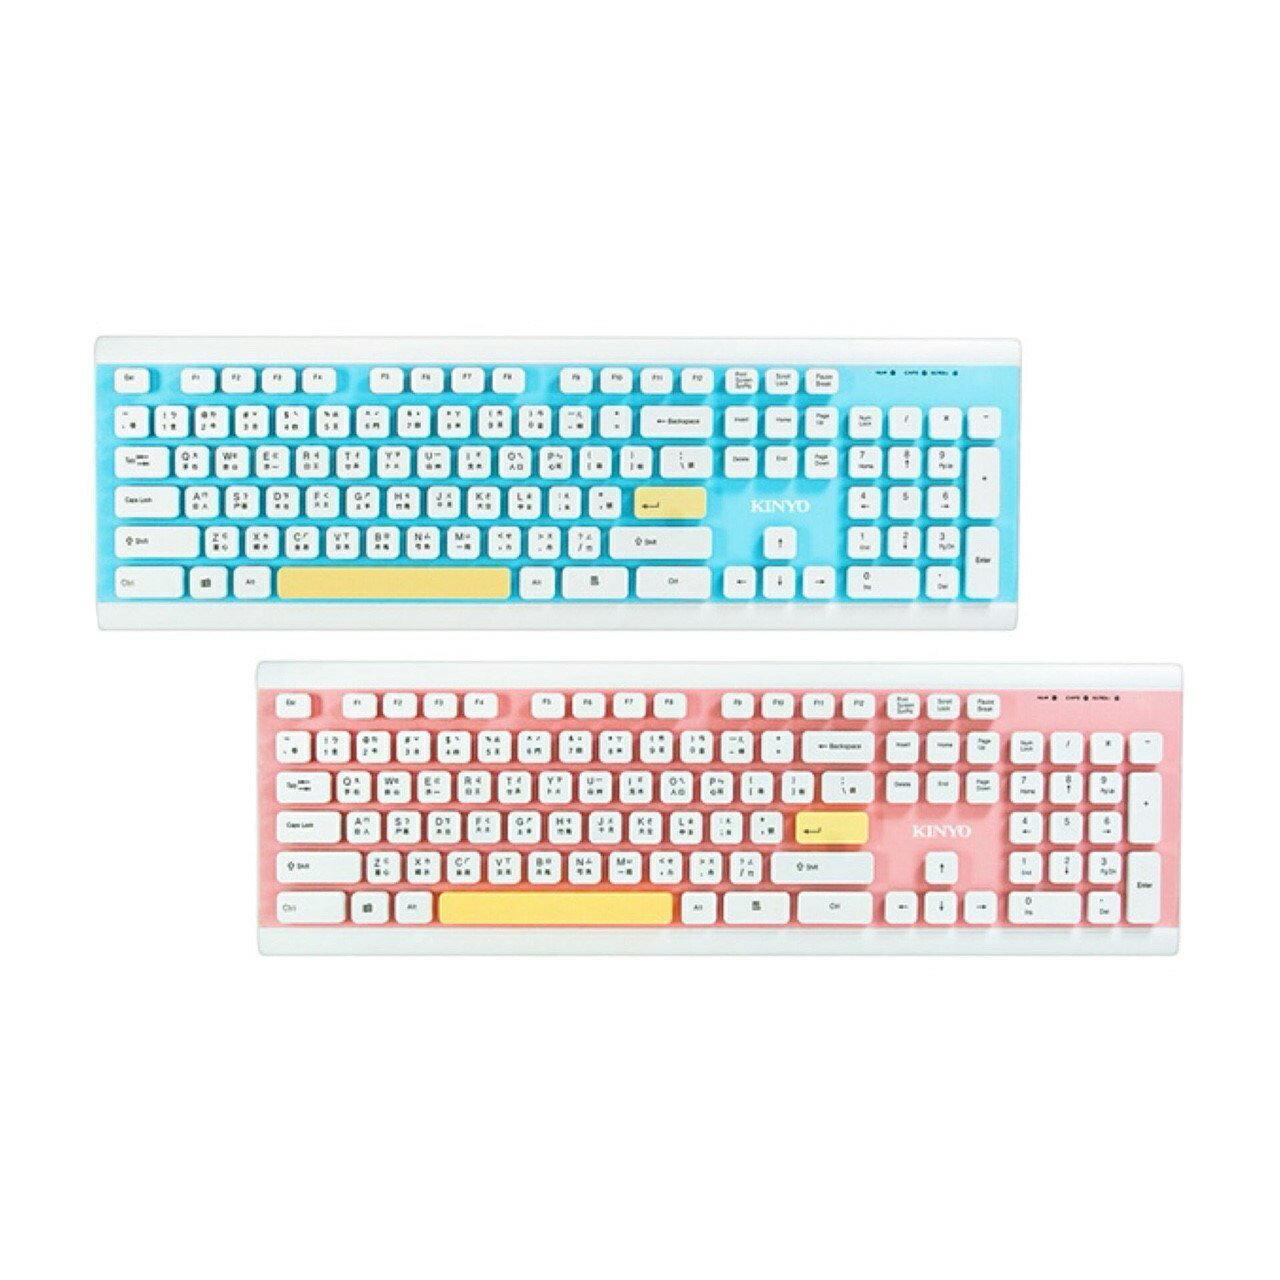 鍵盤 耐嘉 KINYO LKB-90 馬卡龍彩色防水鍵盤 USB水洗鍵盤 3C周邊 電腦周邊 有線鍵盤 USB鍵盤 巧克力鍵盤